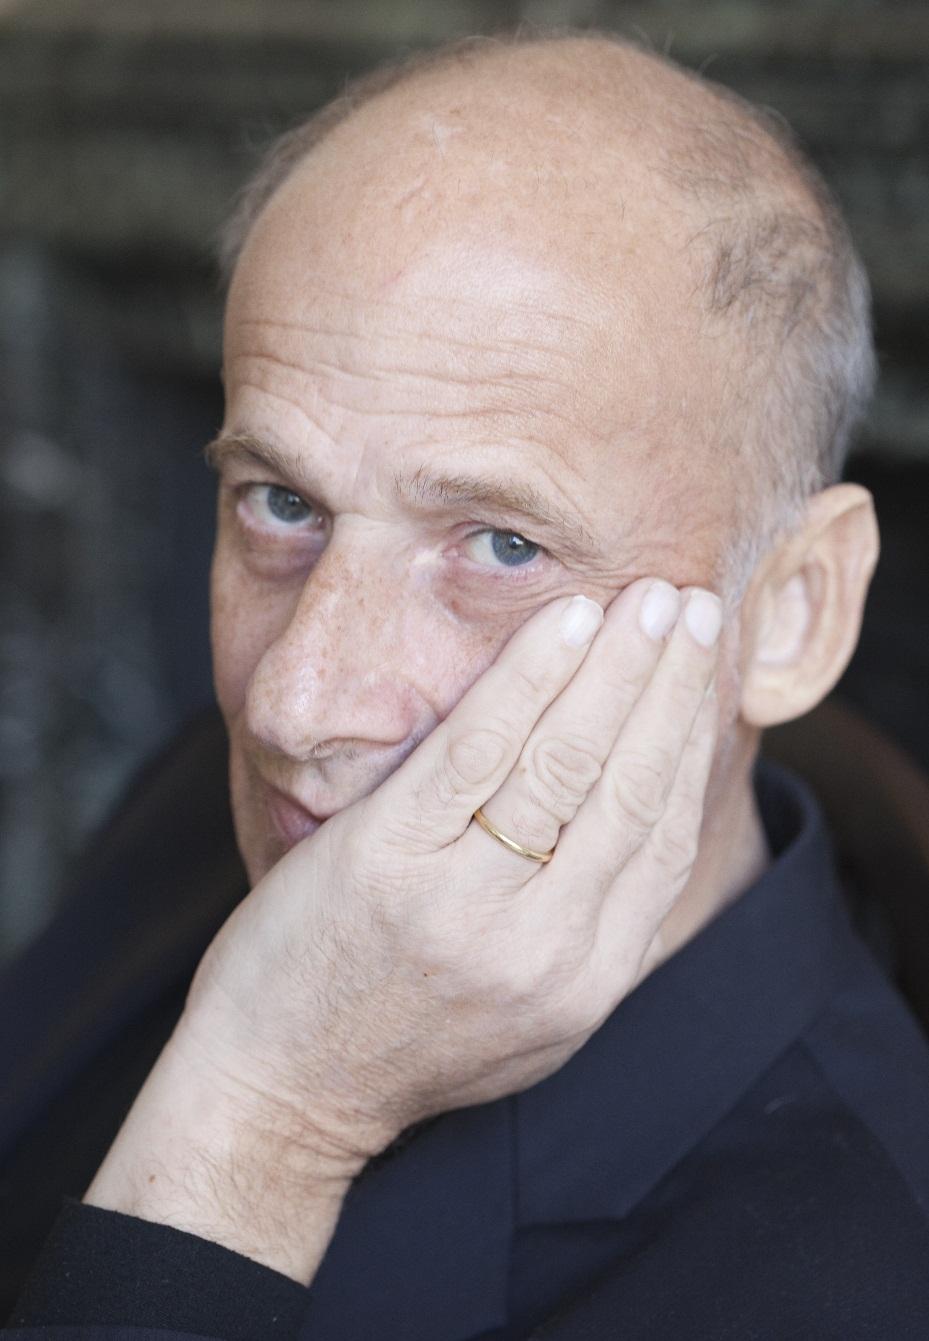 A l'Odéon, Luc Bondy ouvrira la saison 2012/2013 avec Handke et Pinter